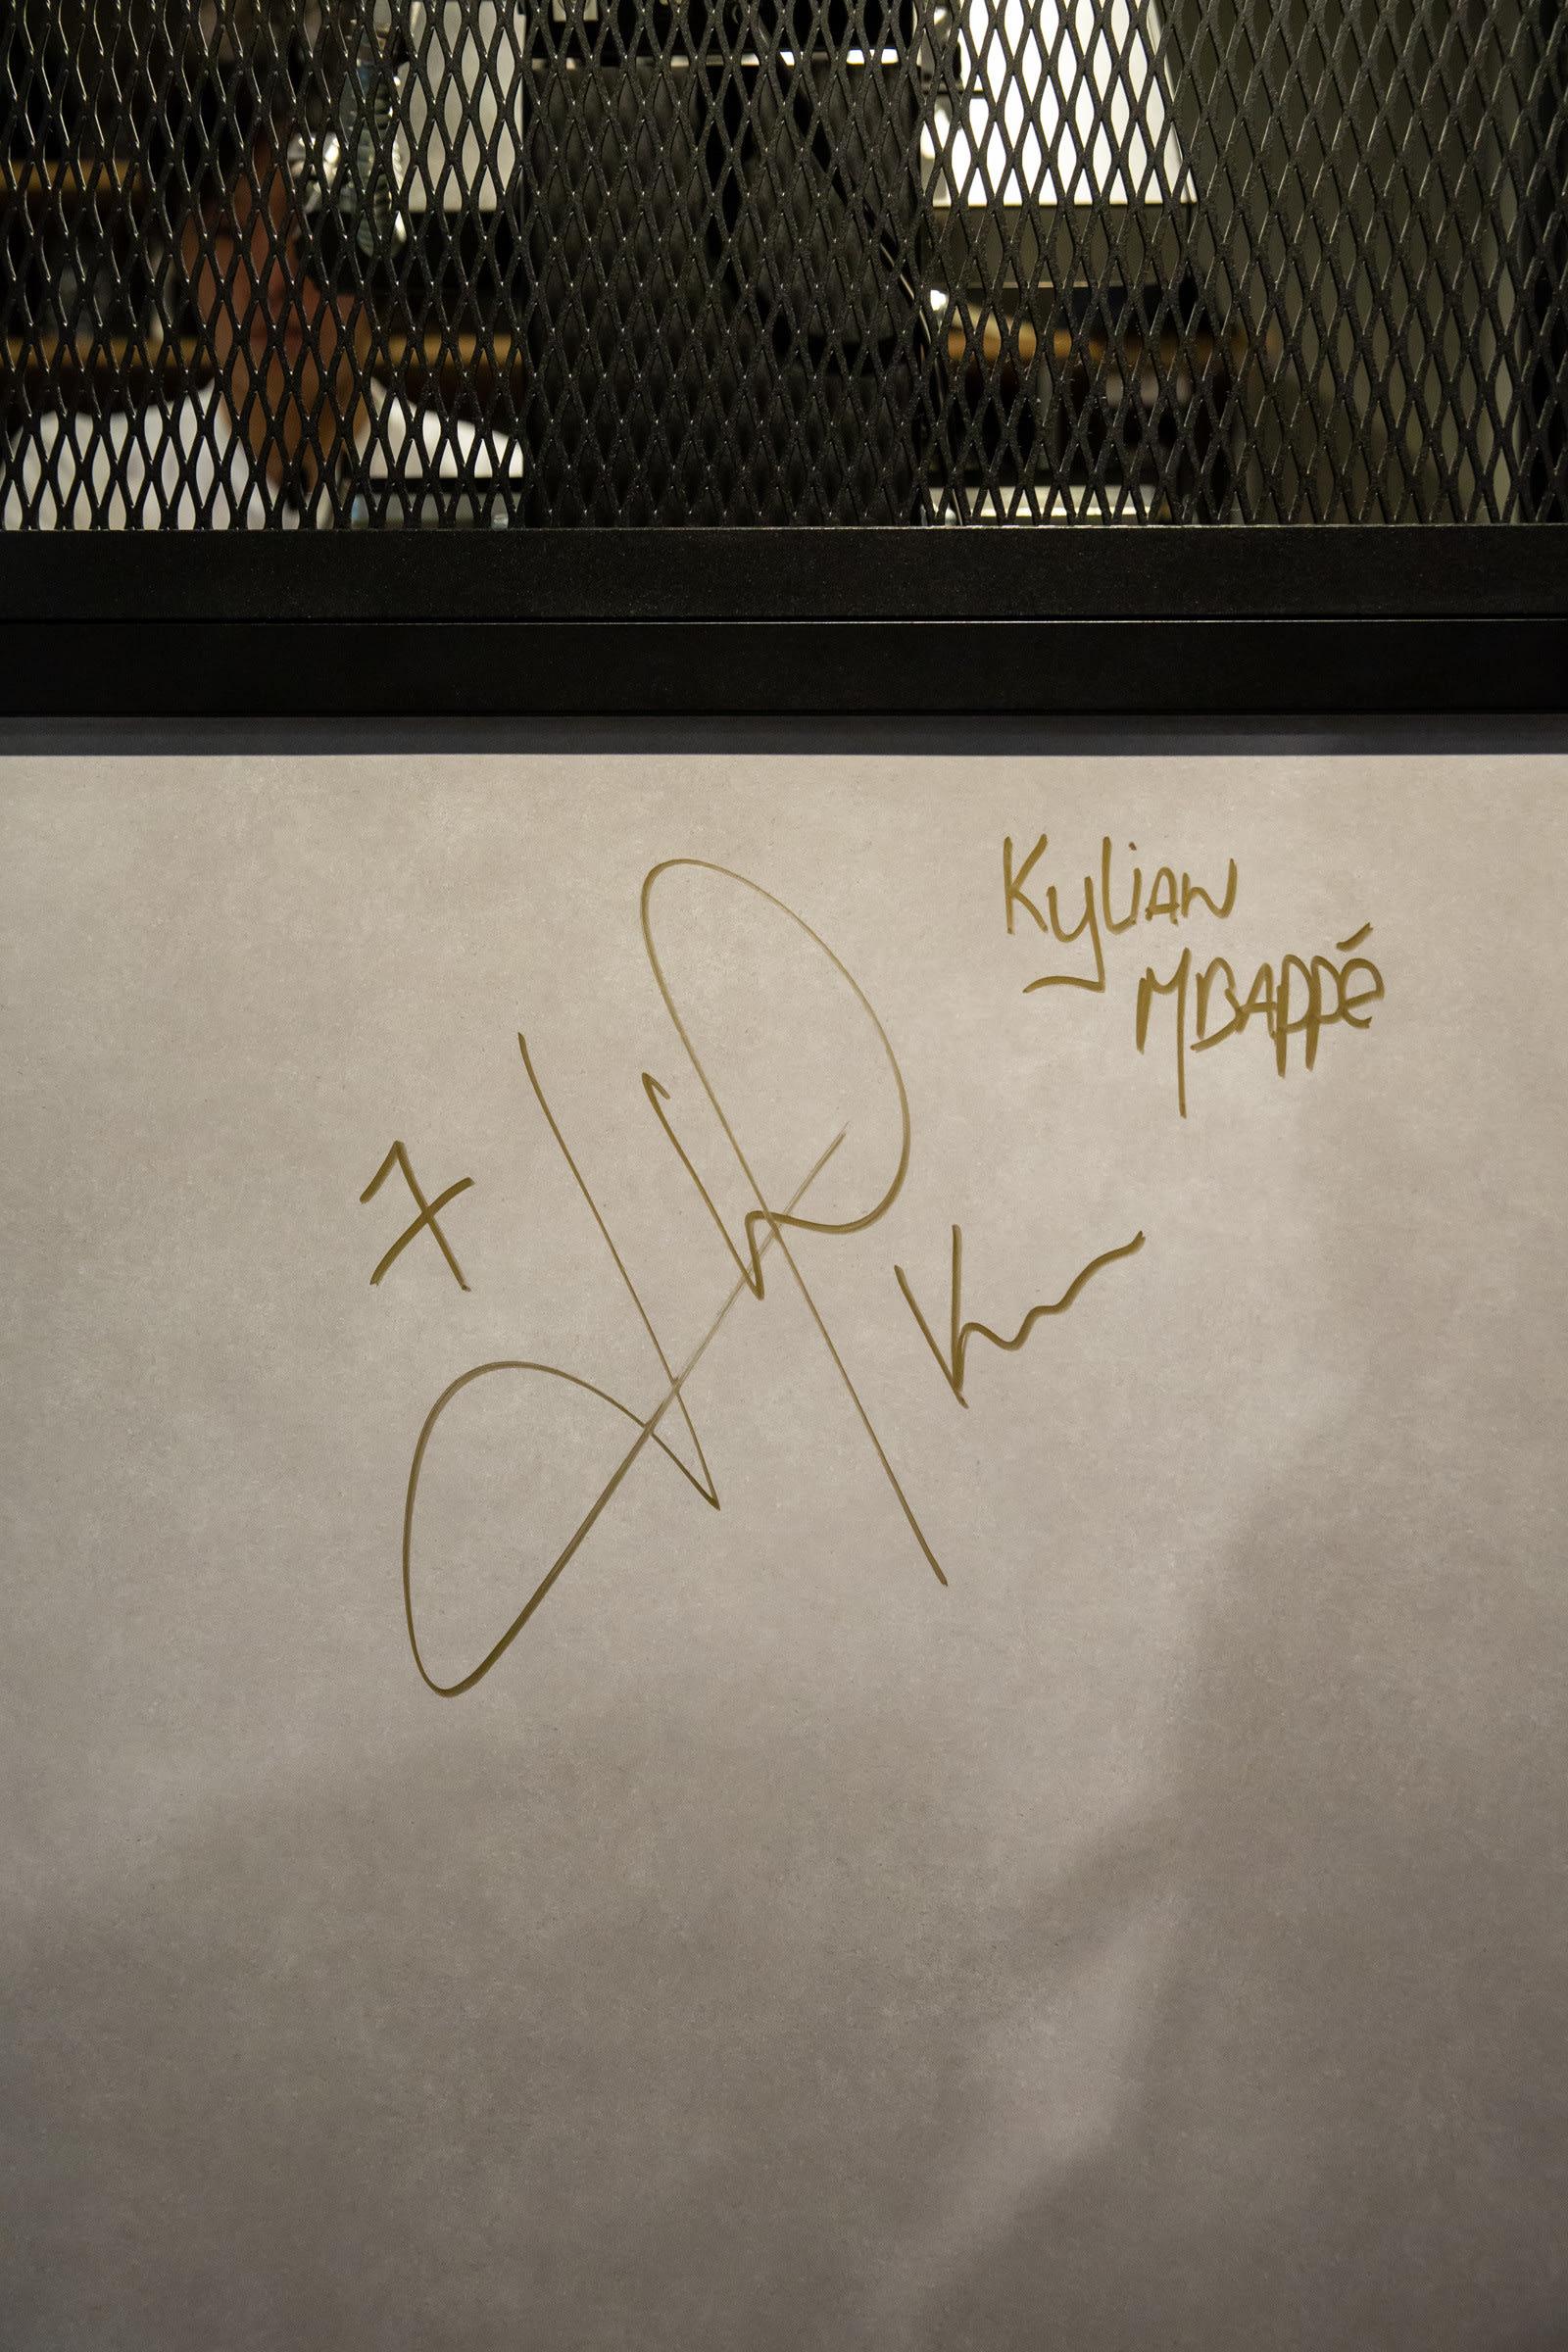 キリアン・エムバペの画像 p1_40